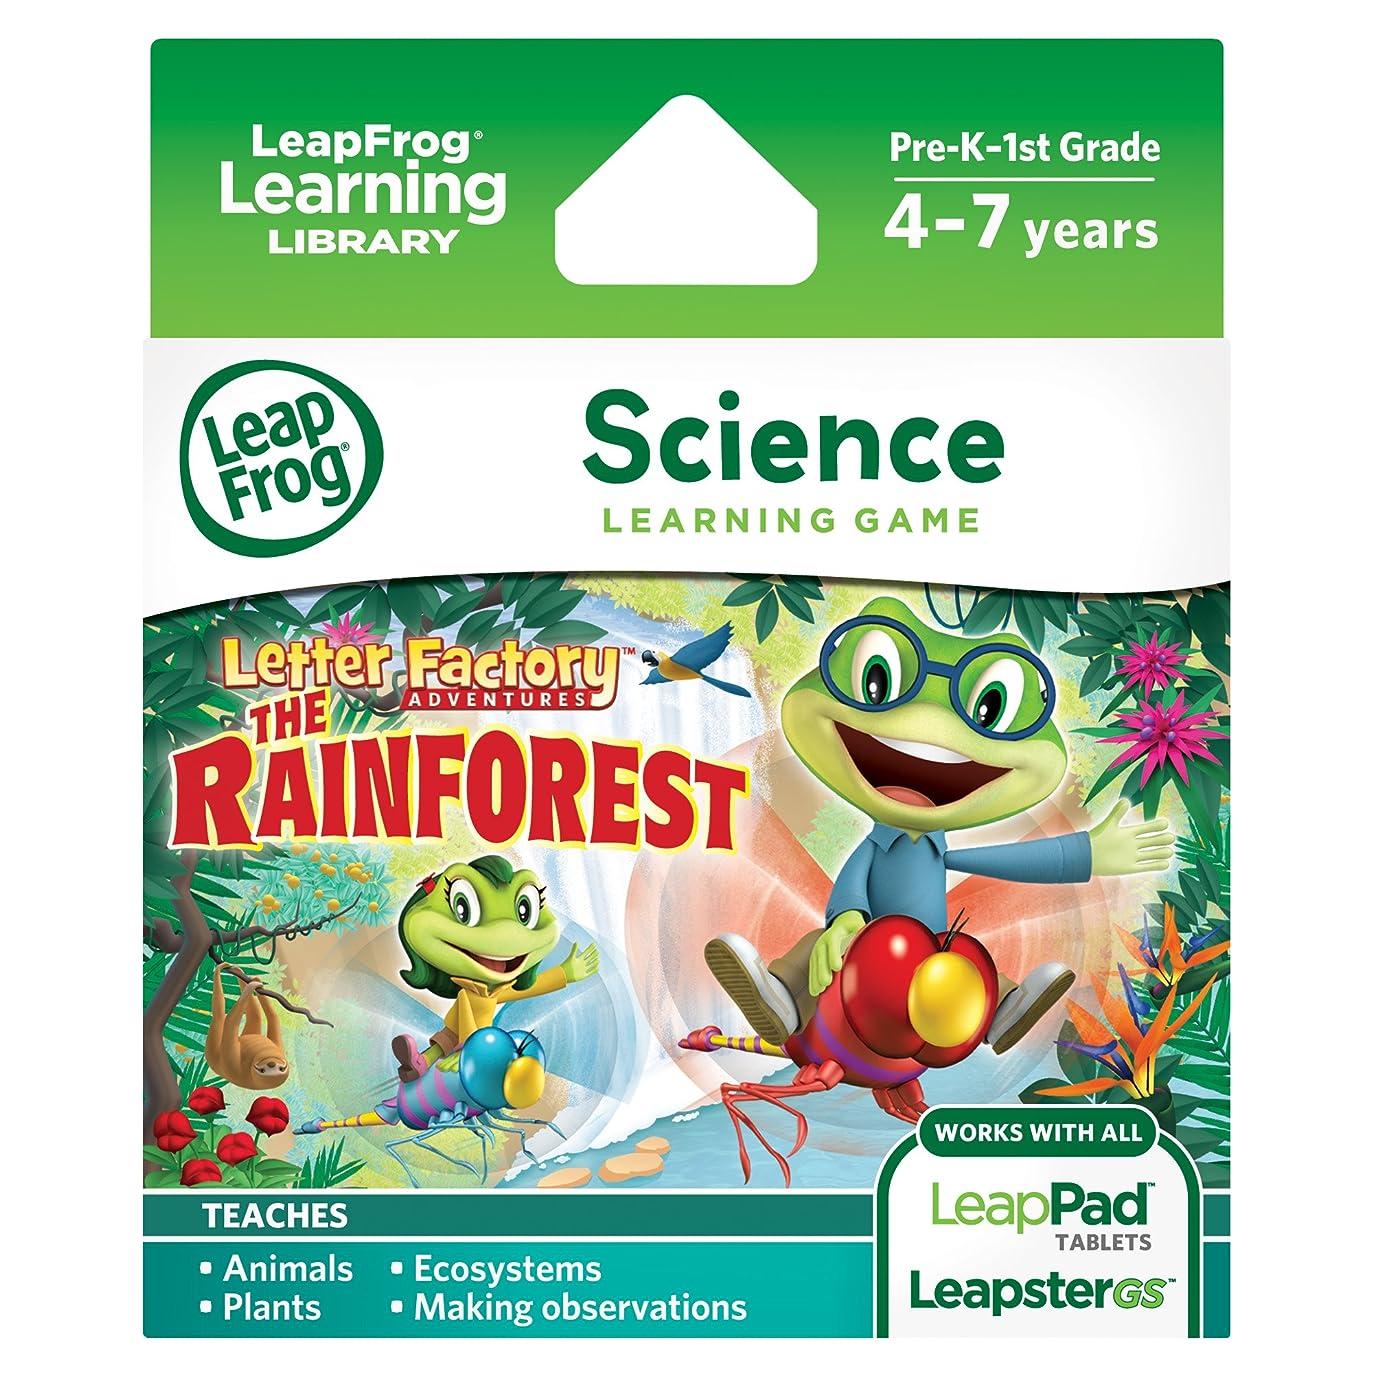 キャロライン死んでいる残酷なリープフロッグ(LeapFrog) レターファクトリーレインフォレストアドベンチャー LETTER FACTORY: RAIN FOREST ADVENTURE 39157